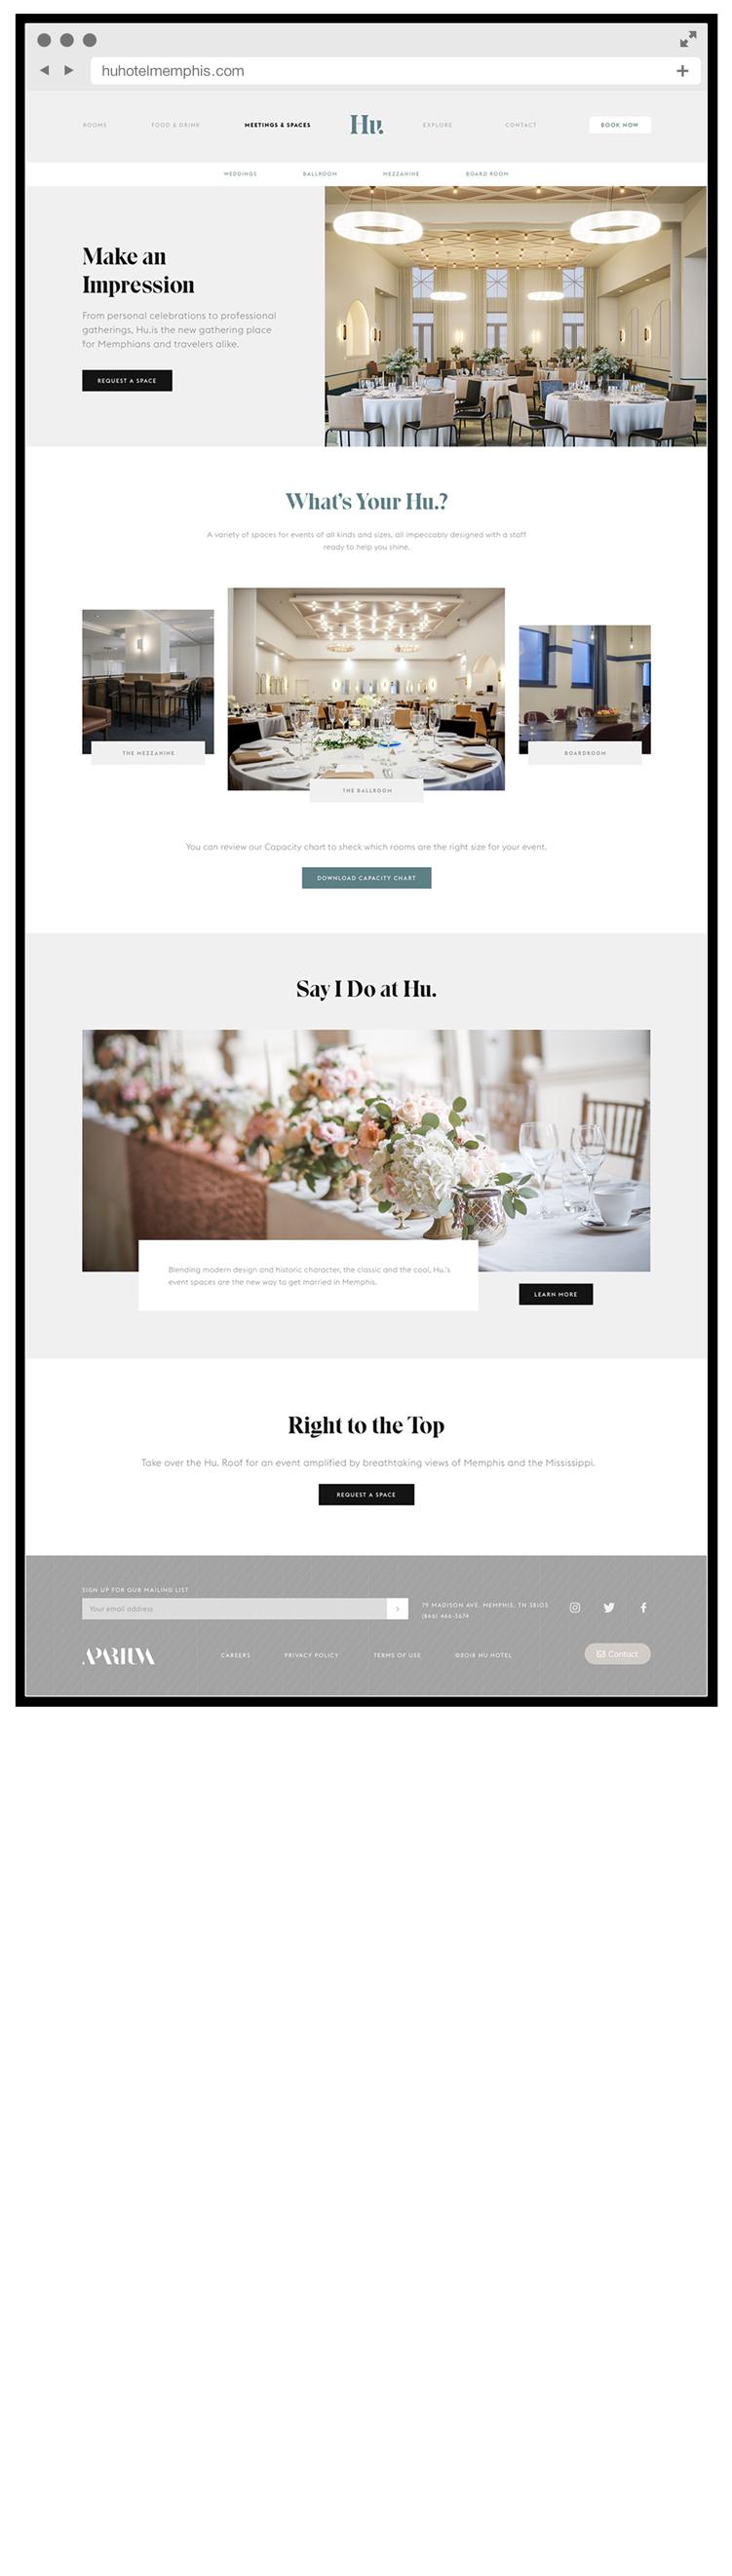 Hu_WebsiteMockup_Spaces.png